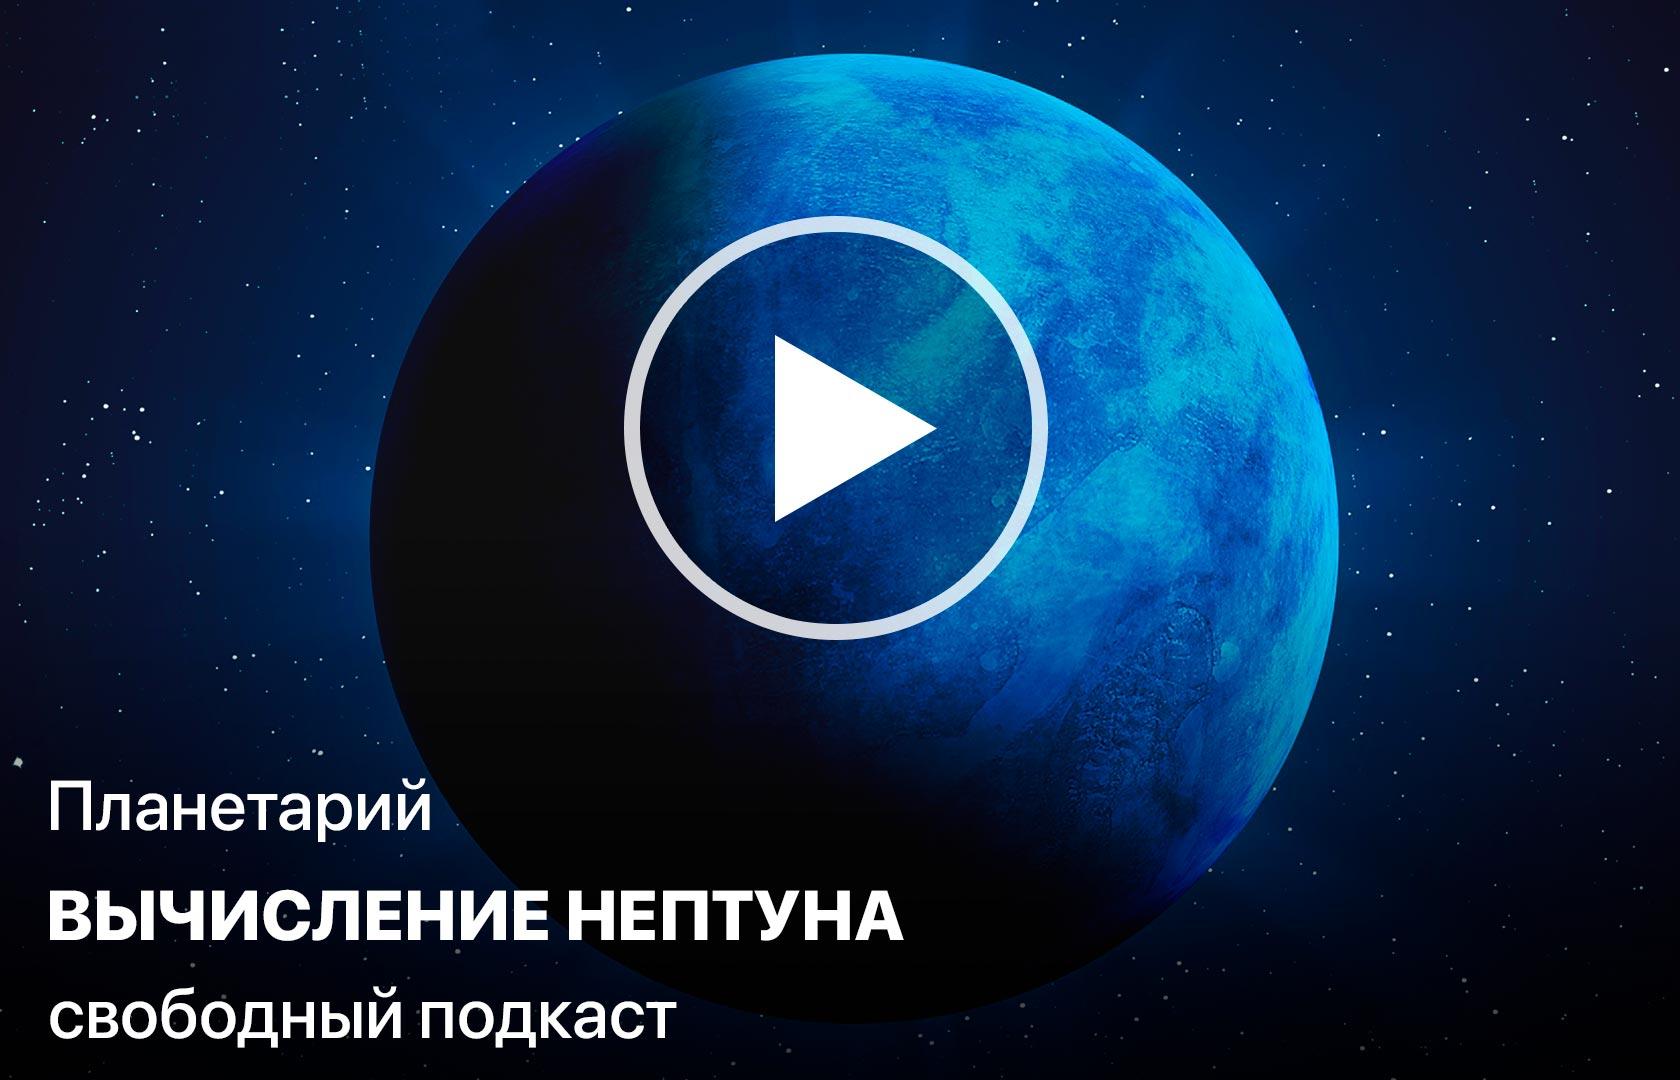 Планетарий. Вычисление Нептуна